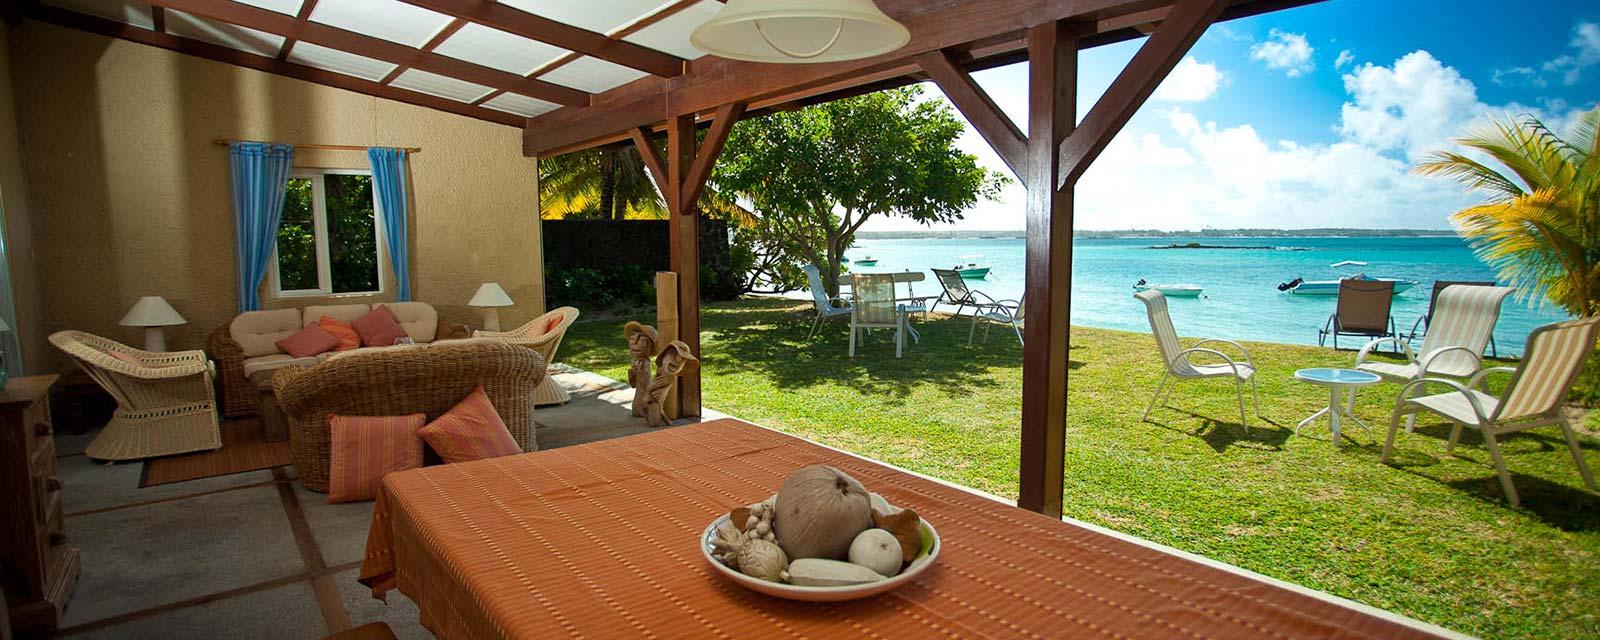 Fen tre sur lagon villa ile maurice for Fenetre villa